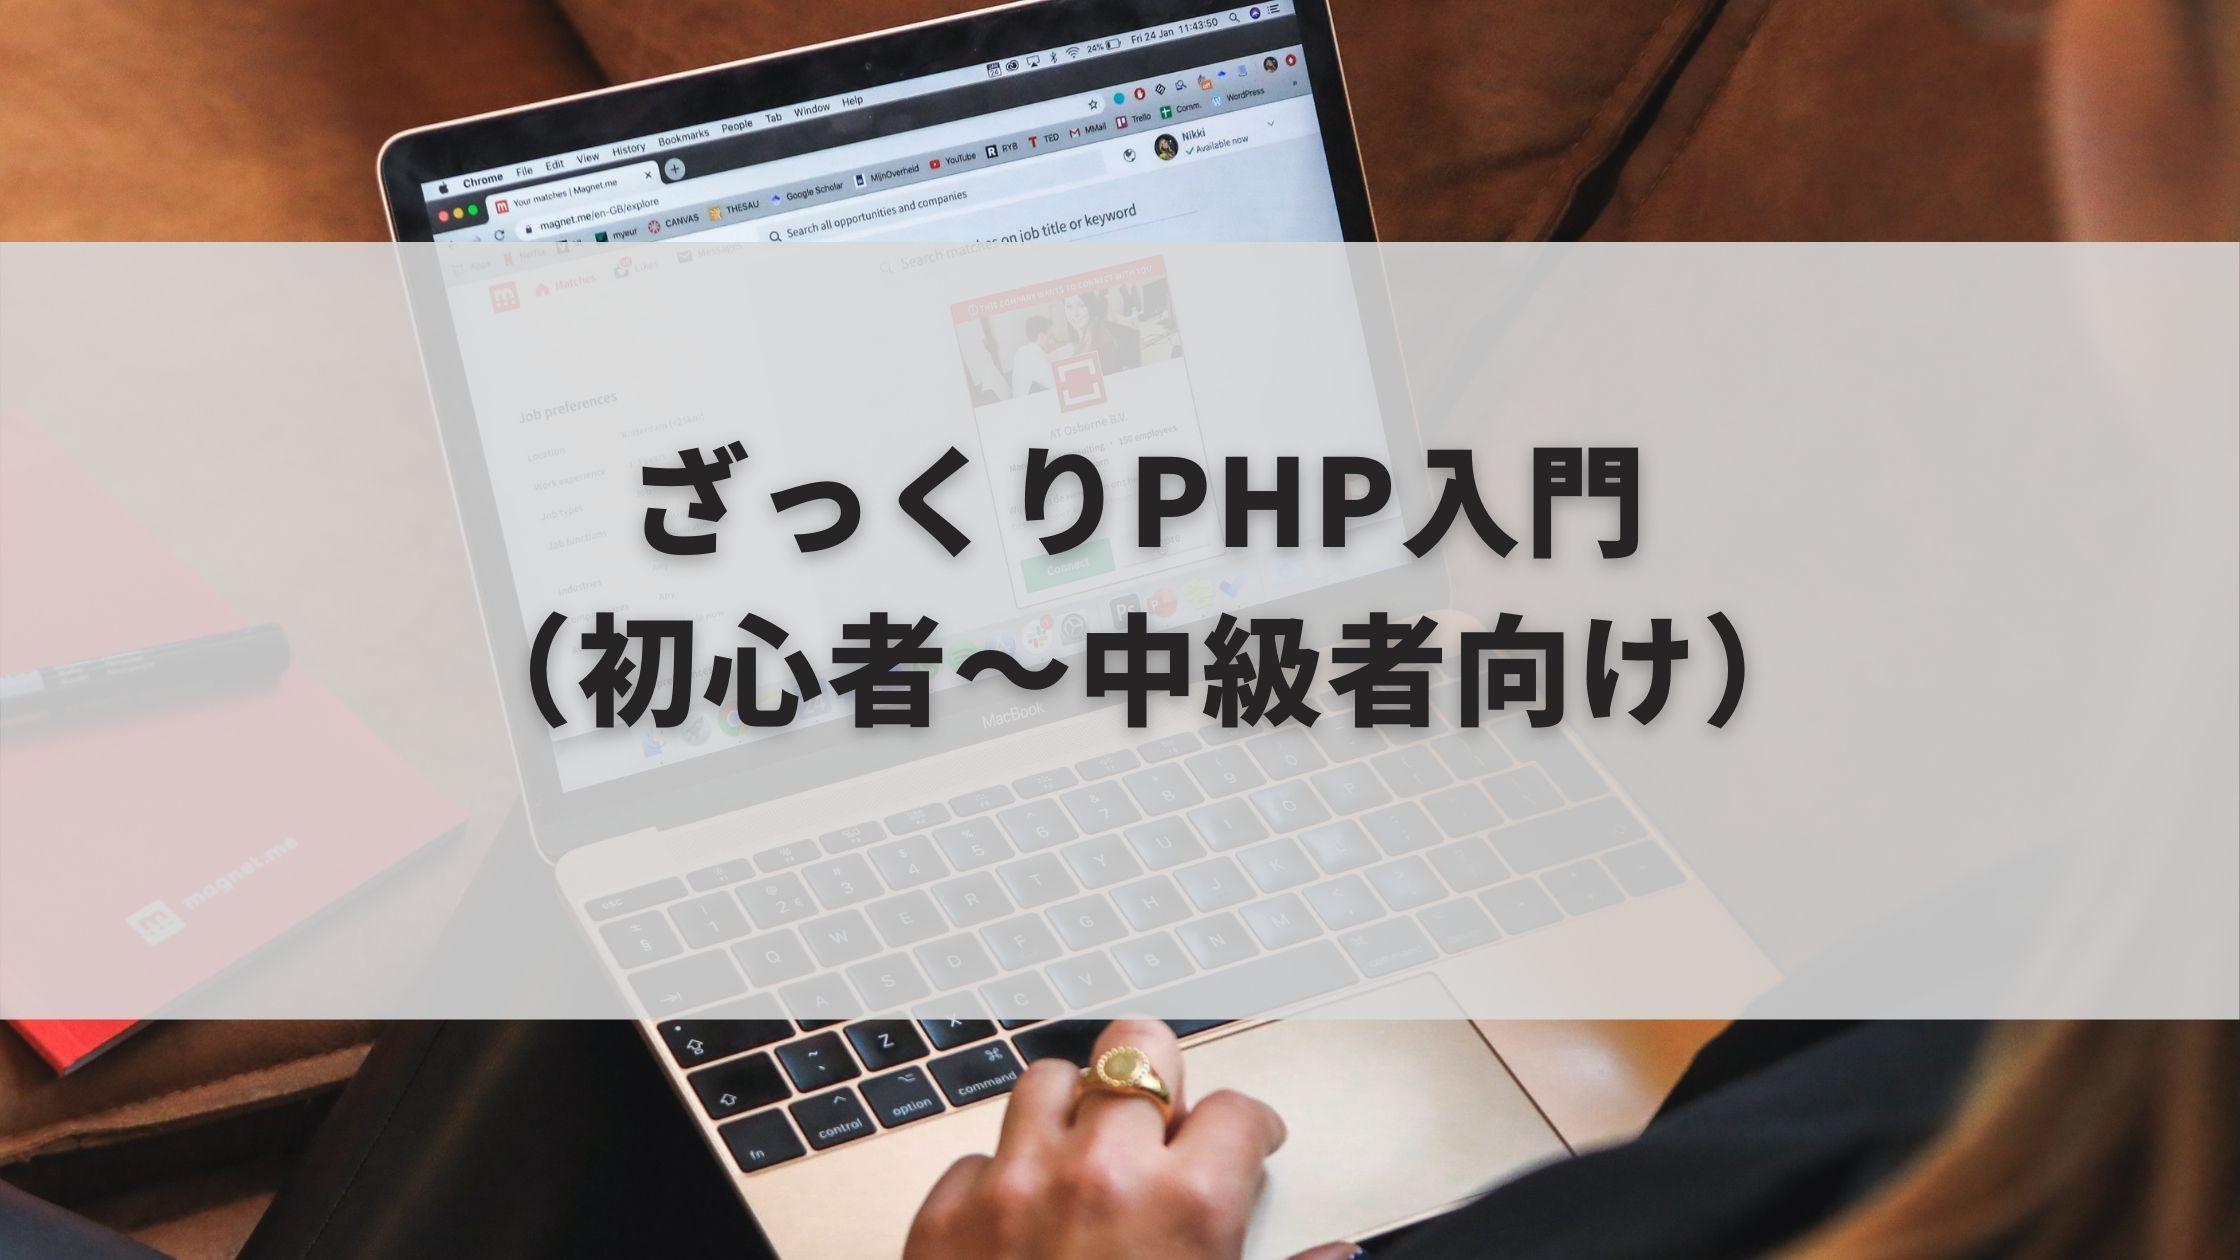 ざっくりPHP入門(初心者〜中級者向け)